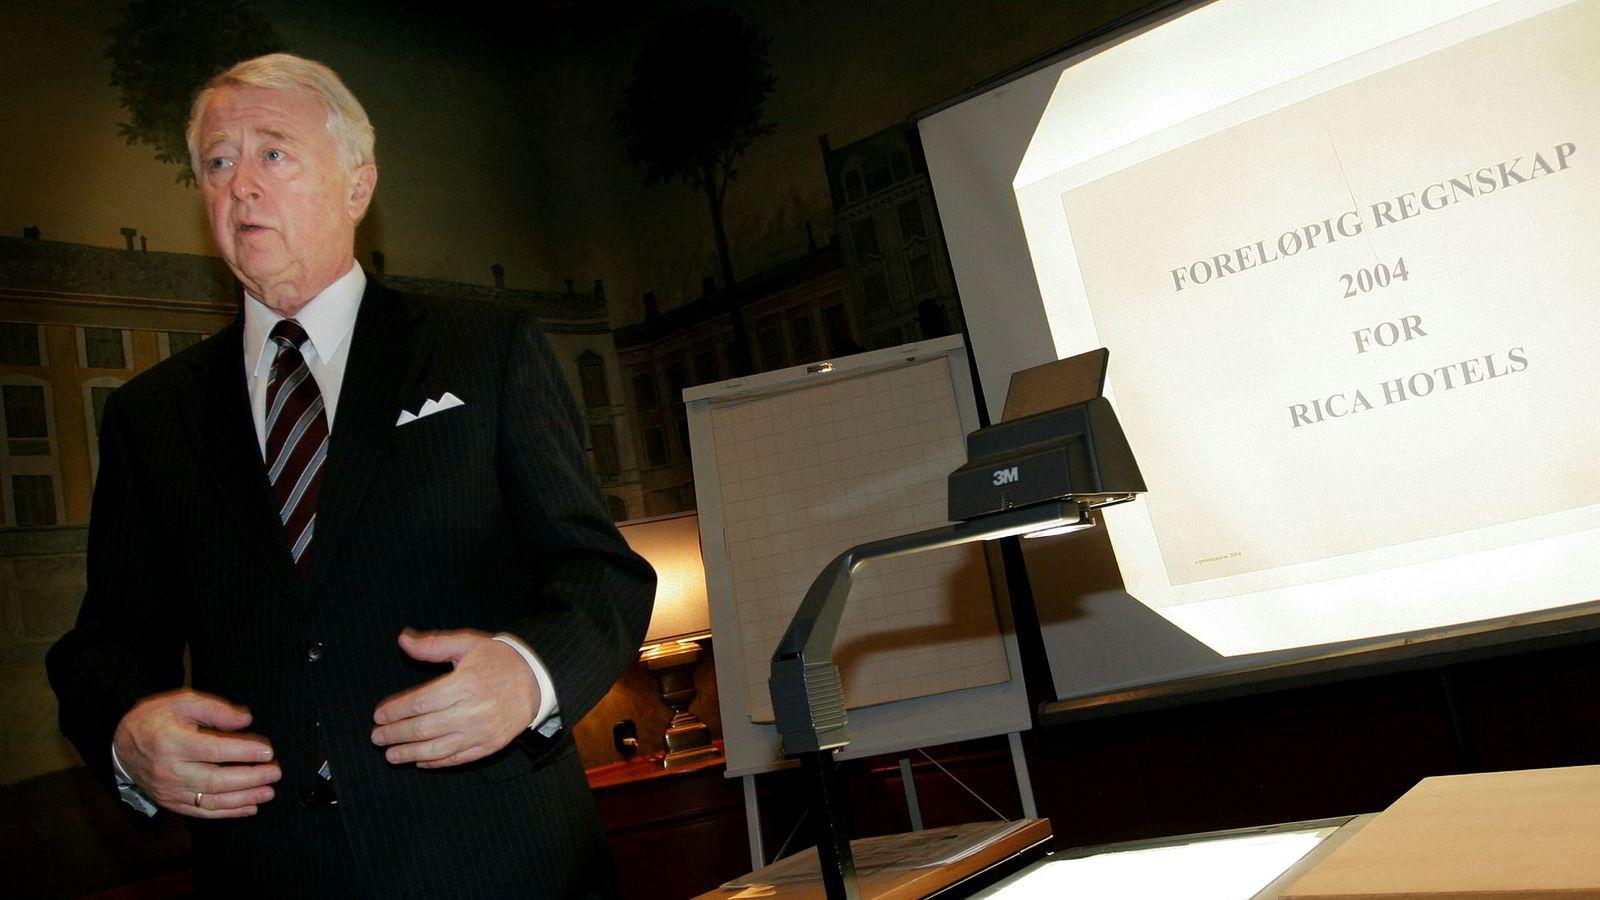 Jan E. Rivelsrud bygget opp Rica. Her fra en resultatpresentasjon i 2004 på Grand Hotell i Oslo.